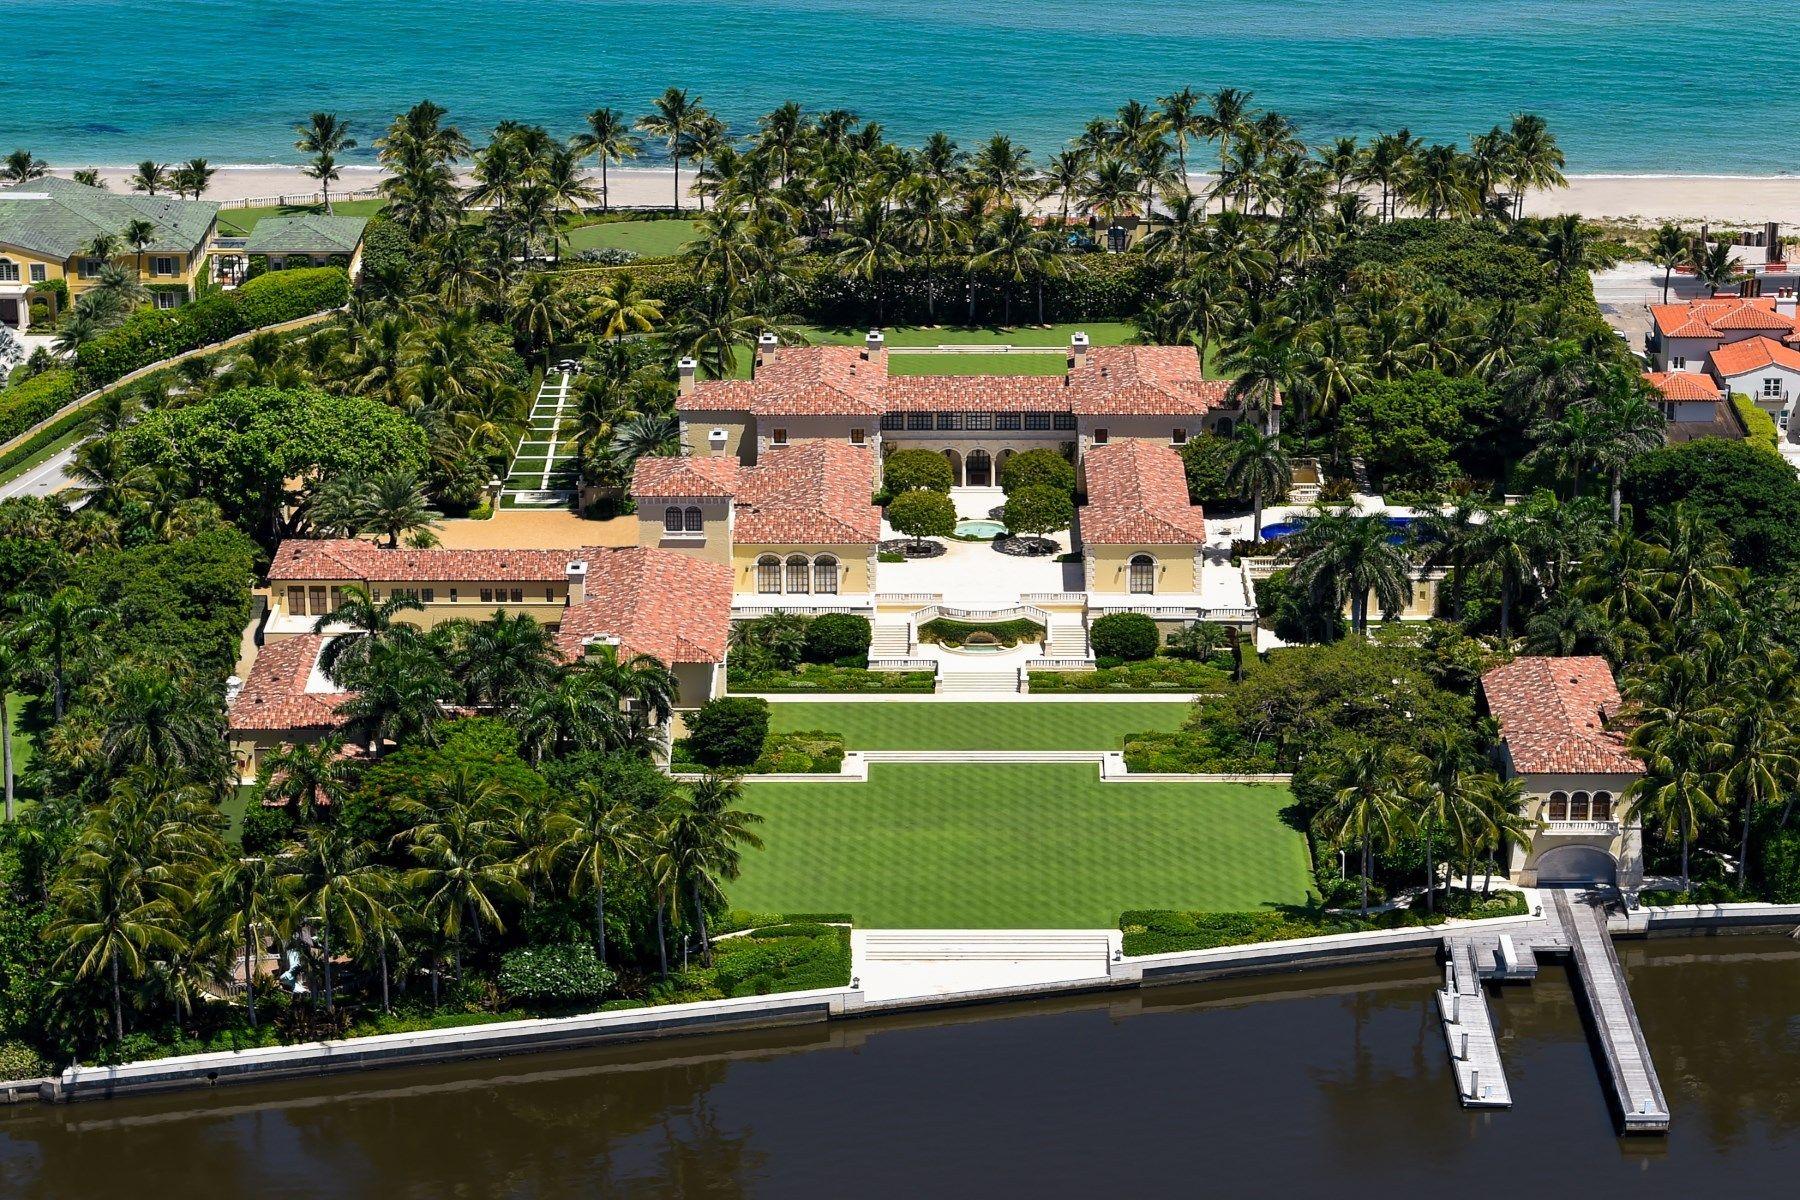 Casa Apava, Palm Beach, Fla (© ZUMA Press/Newscom) | wow | Pinterest ...